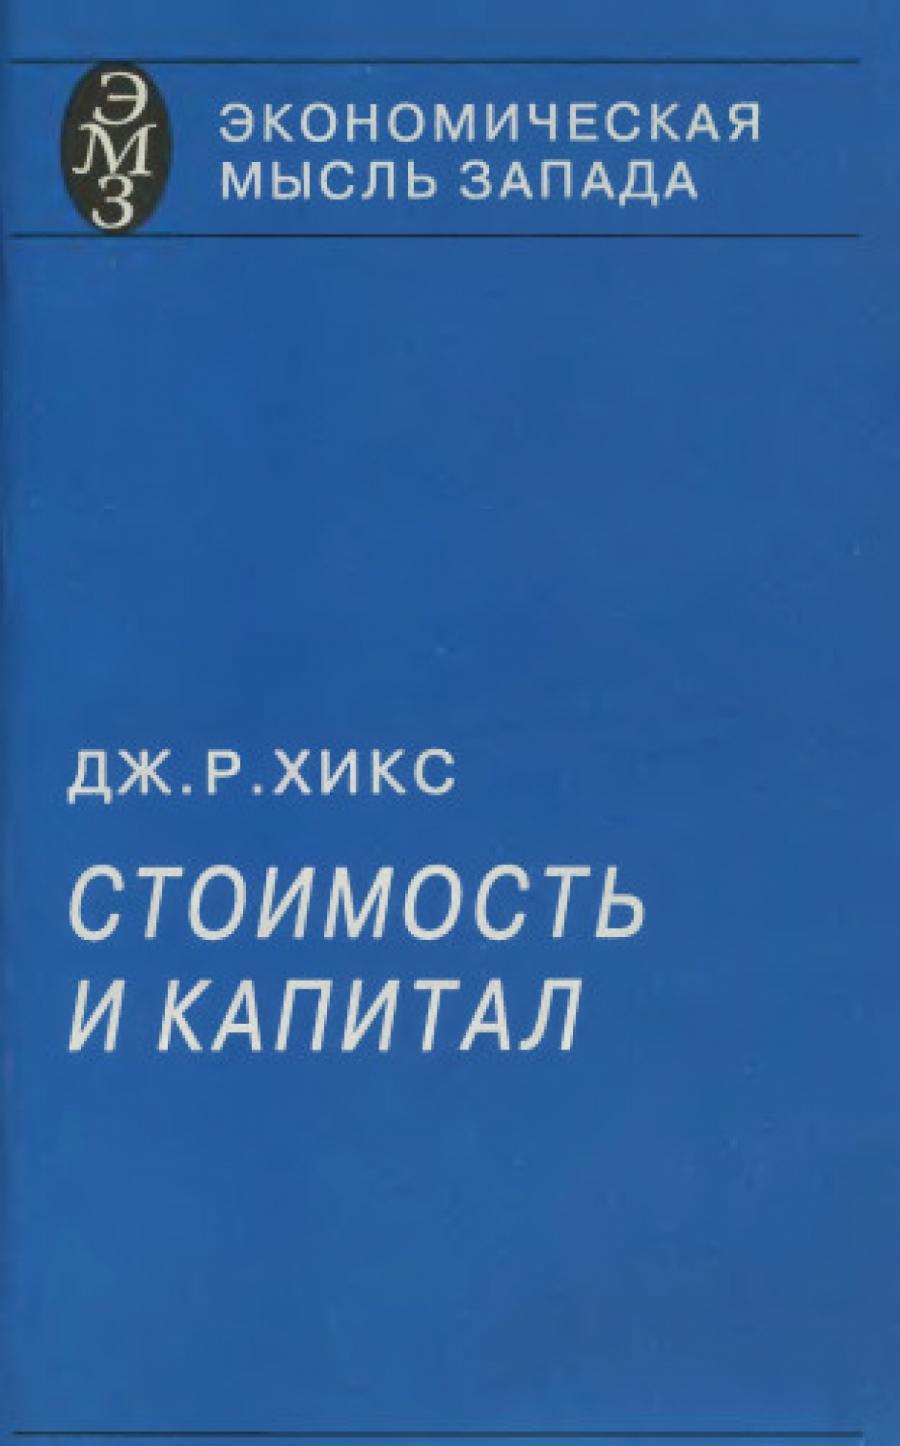 Обложка книги:  хикс д.р. - стоимость и капитал